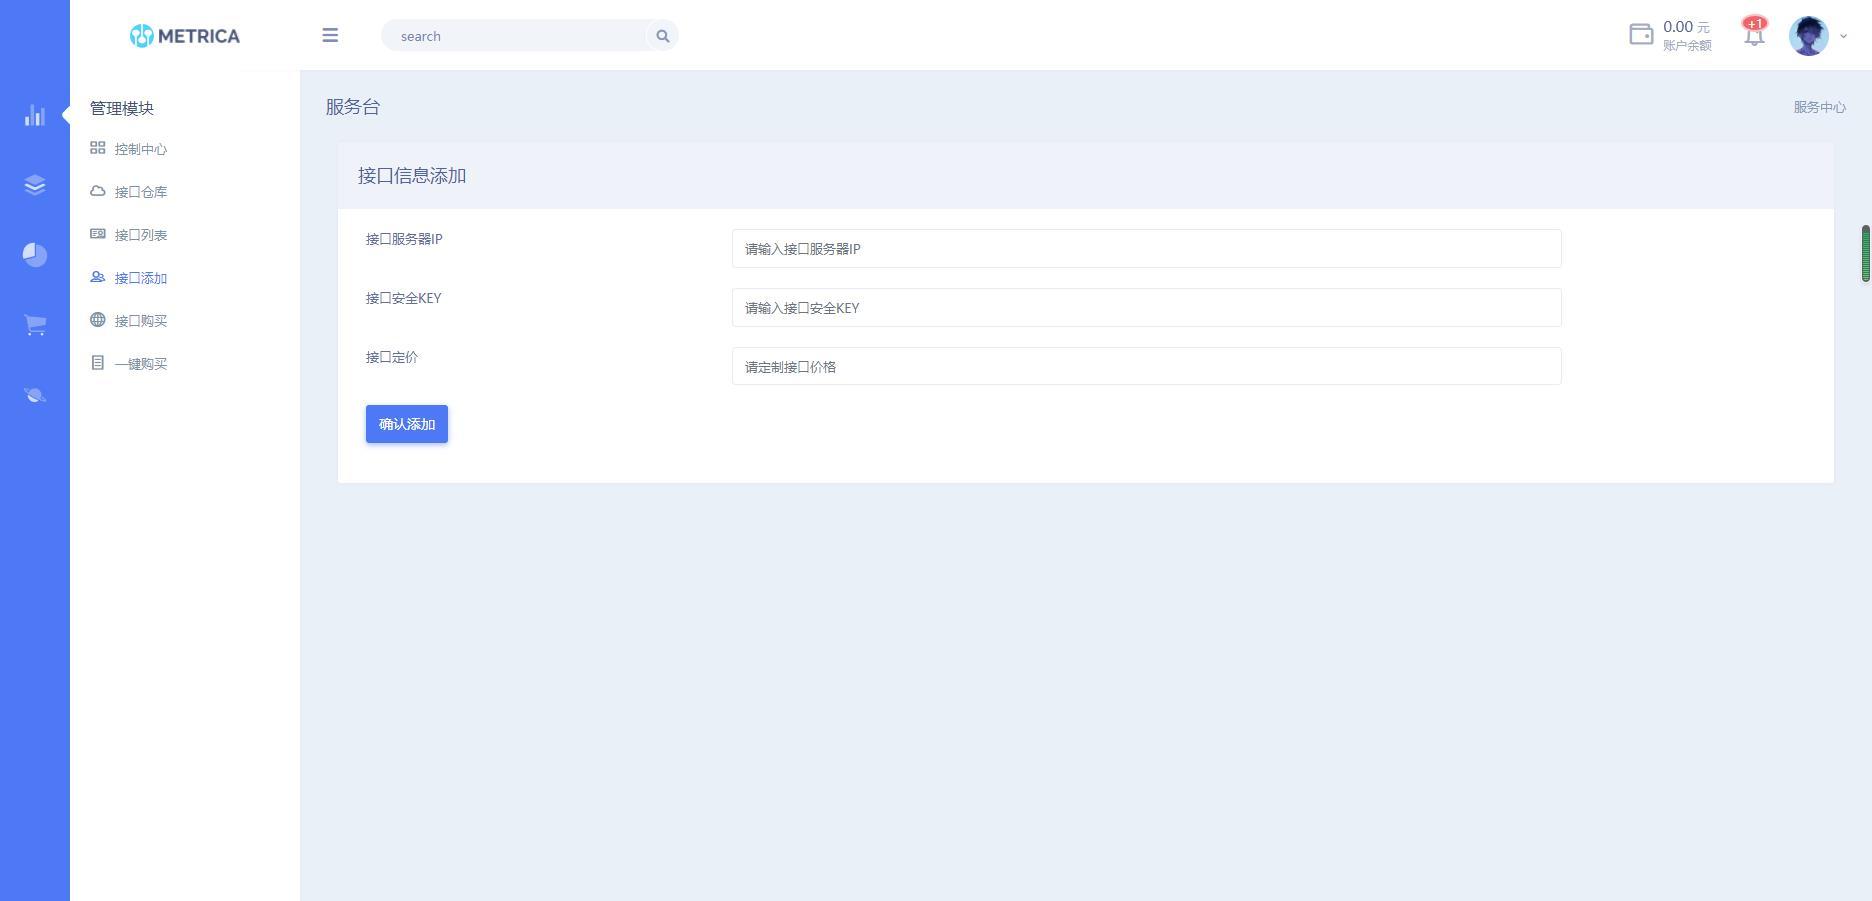 全新DHPST分销系统-EP分销-云主机分销系统热门源码图片